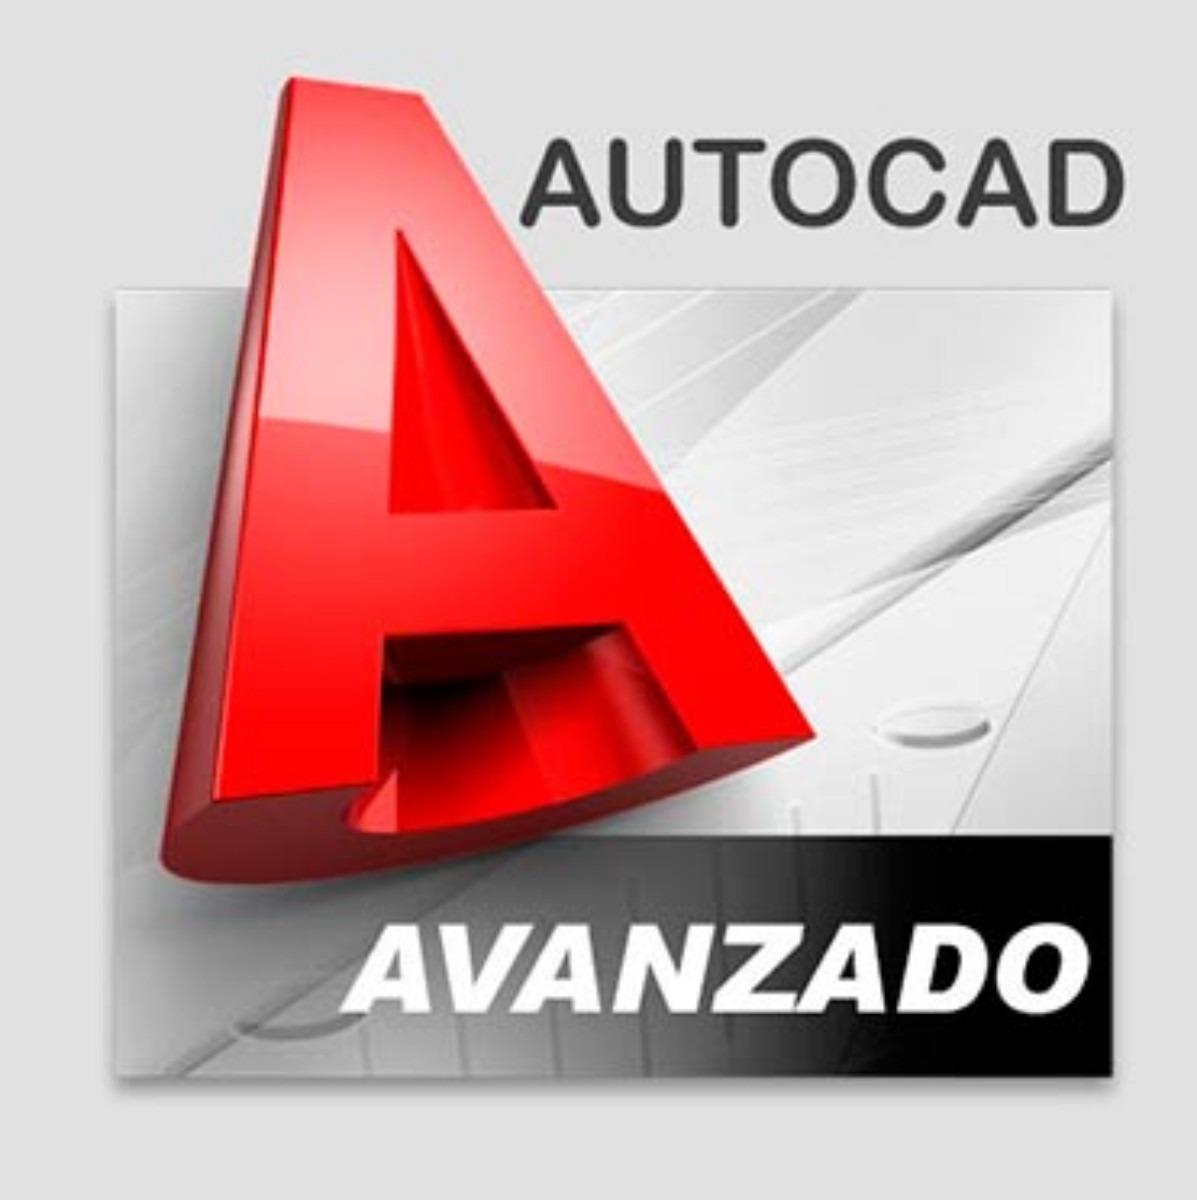 Autocad Avanzado